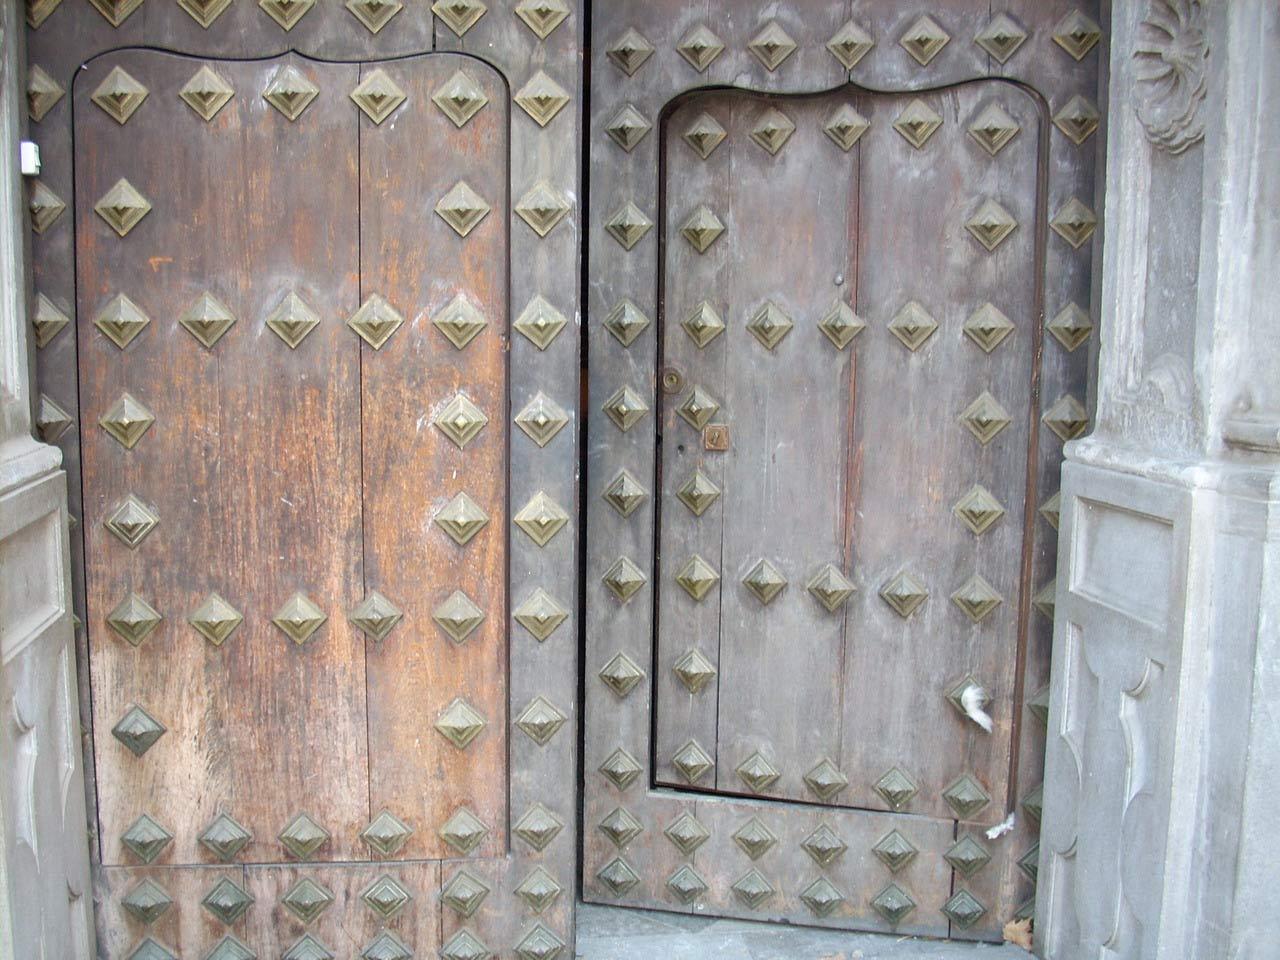 Puerta antigua detalle del deterioro